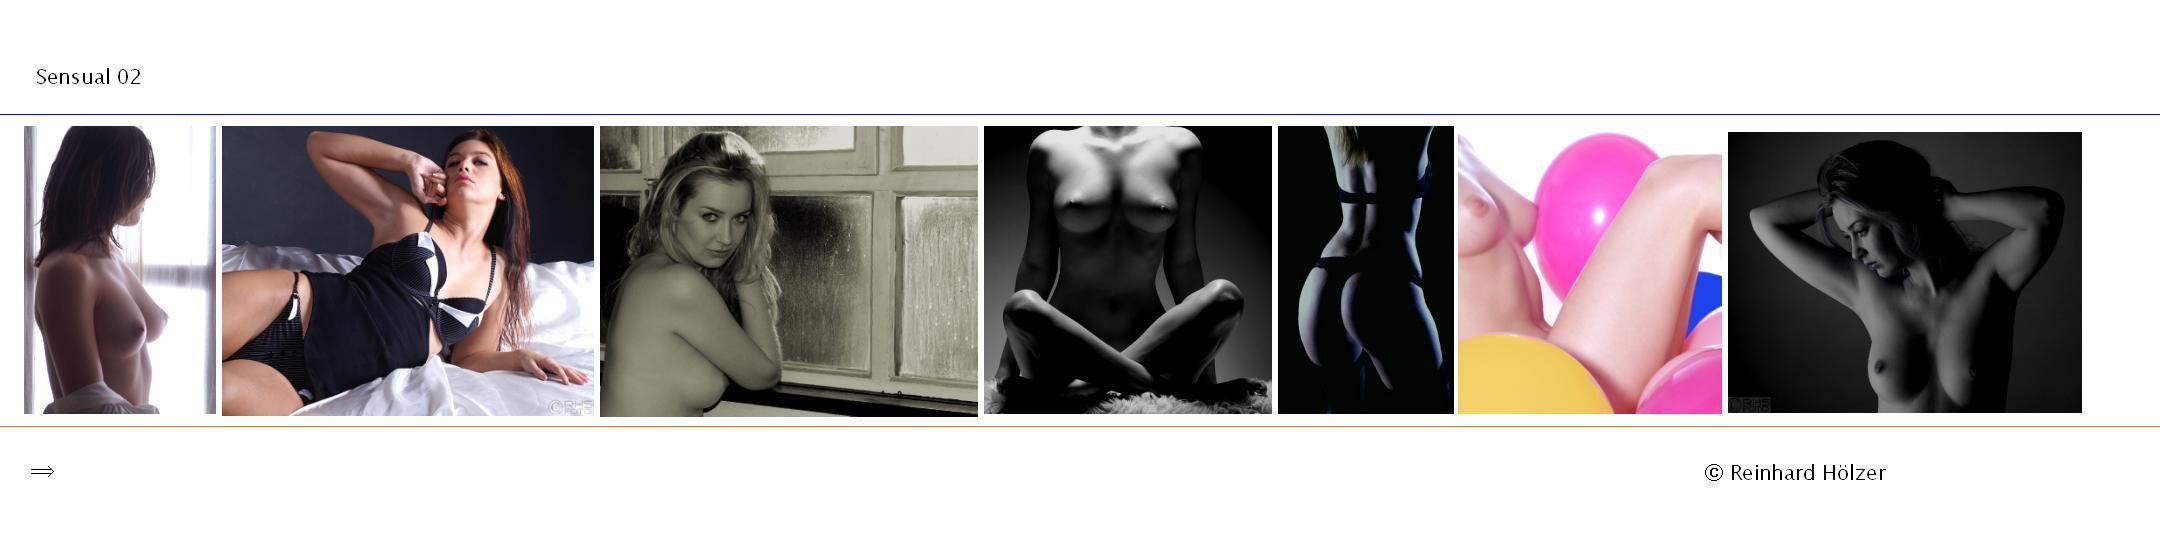 New_Design_09062011_sensual_02